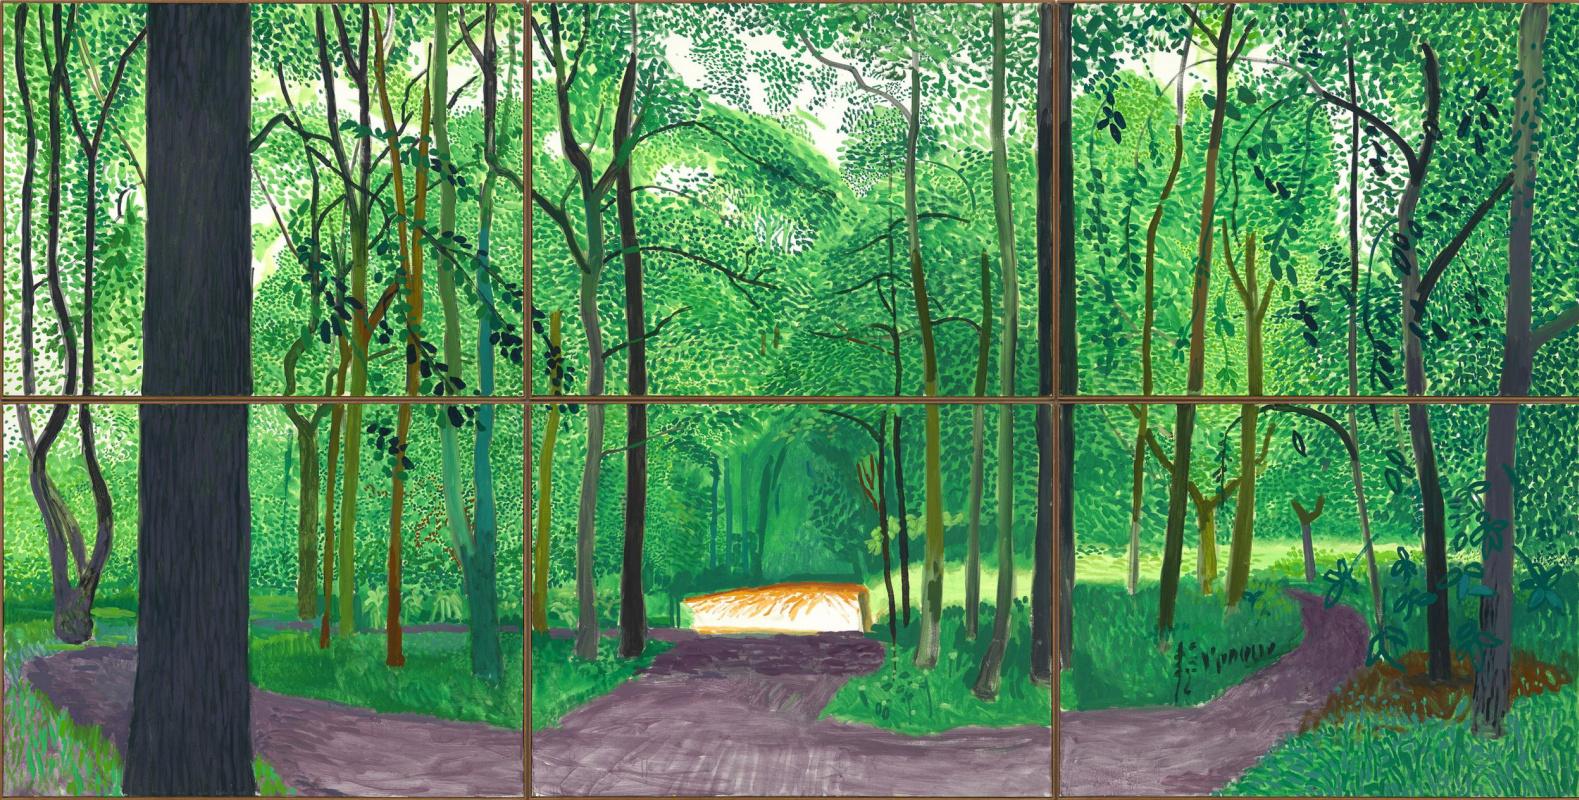 David Hockney. Woldgate Woods, 26, 27 & 30 July 2006